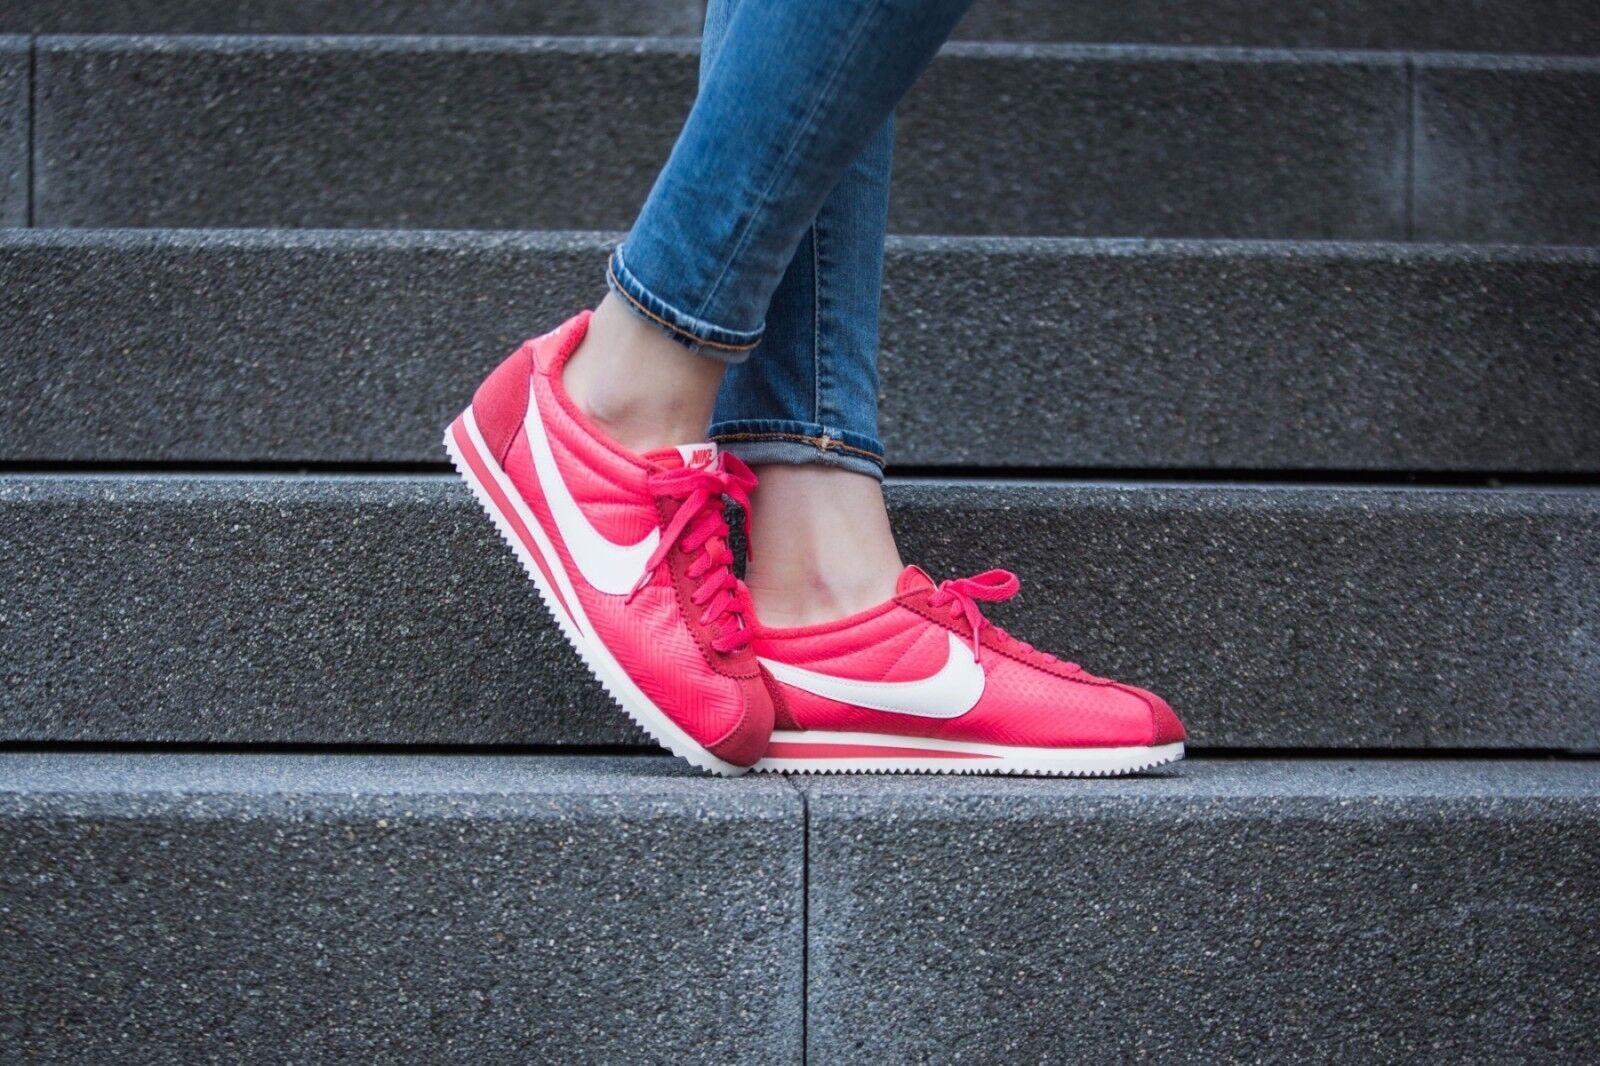 Nike Women's Classic Cortez TXT Ember Glow Sail 844892-800 Sz 7